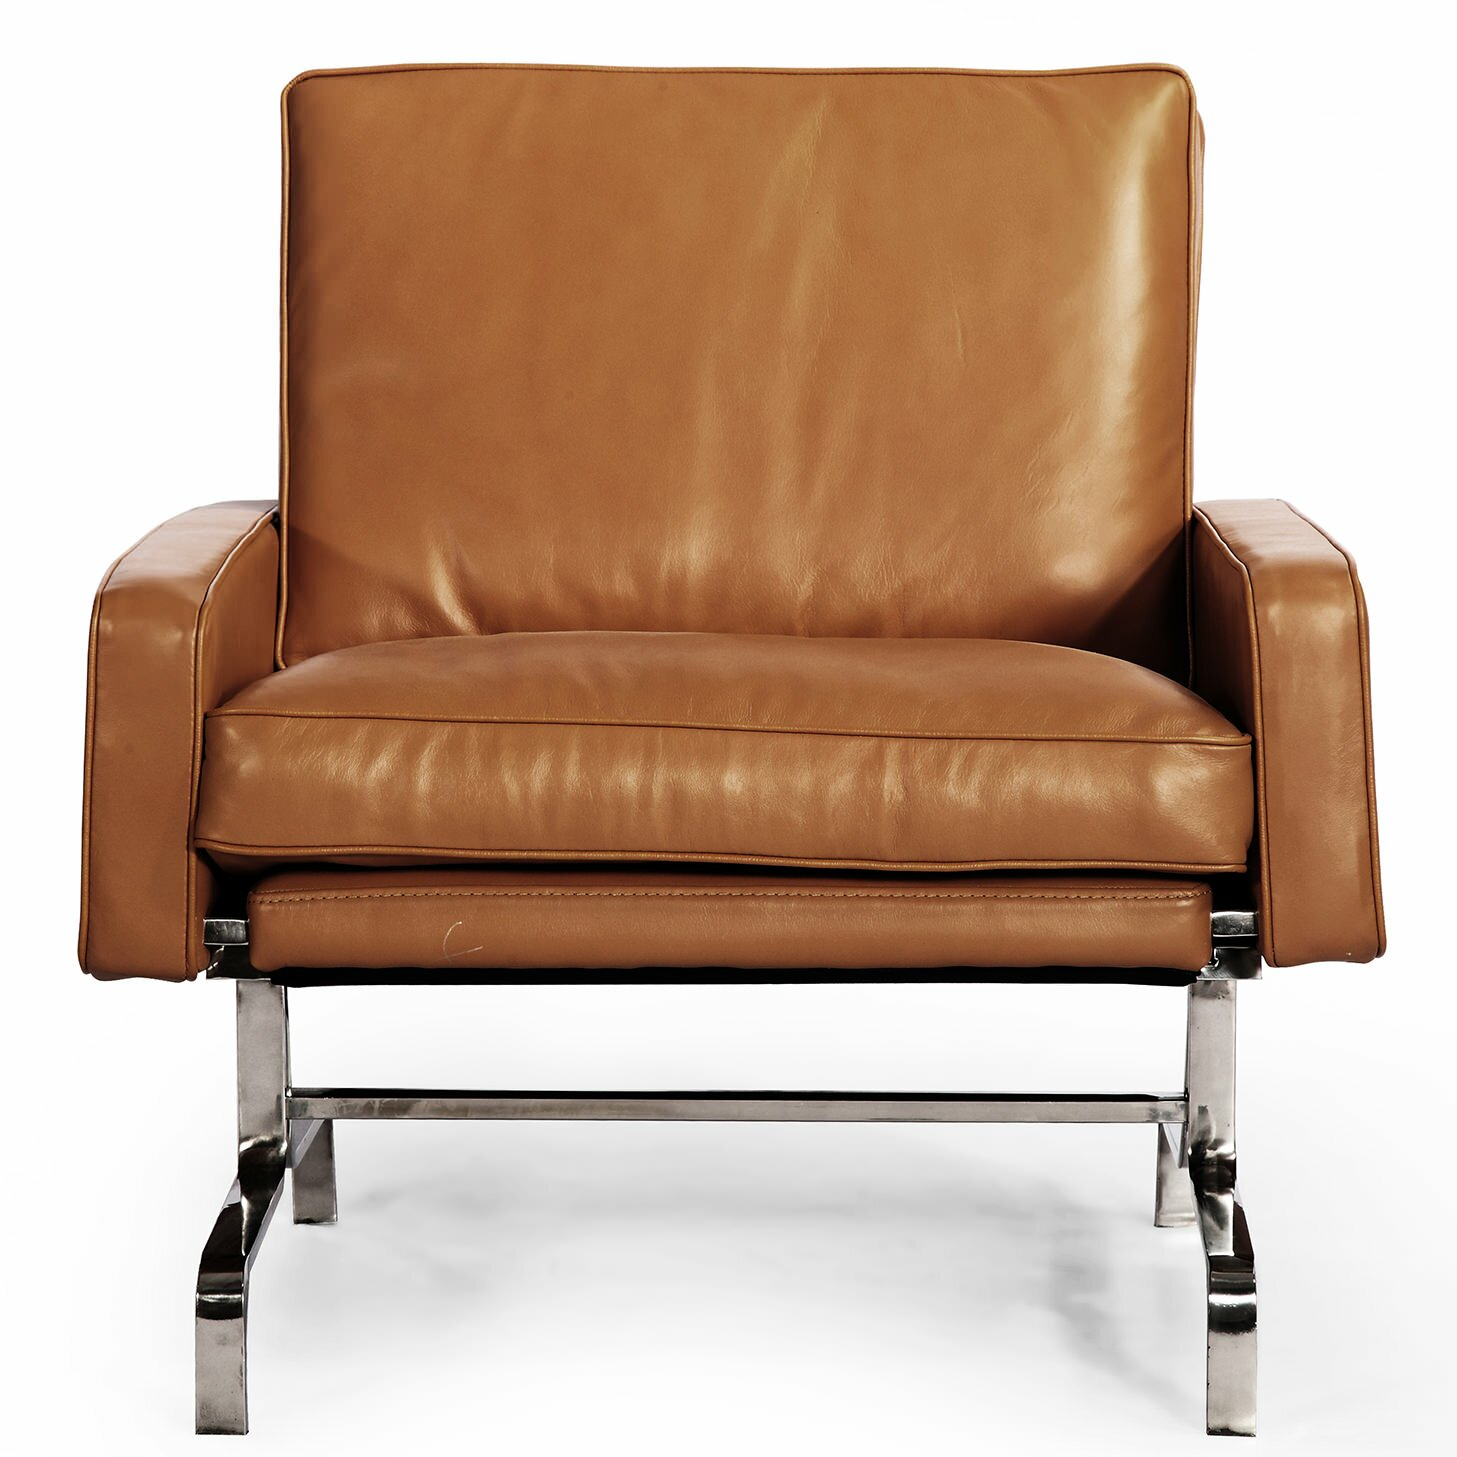 Kar l Modern Arm Chair